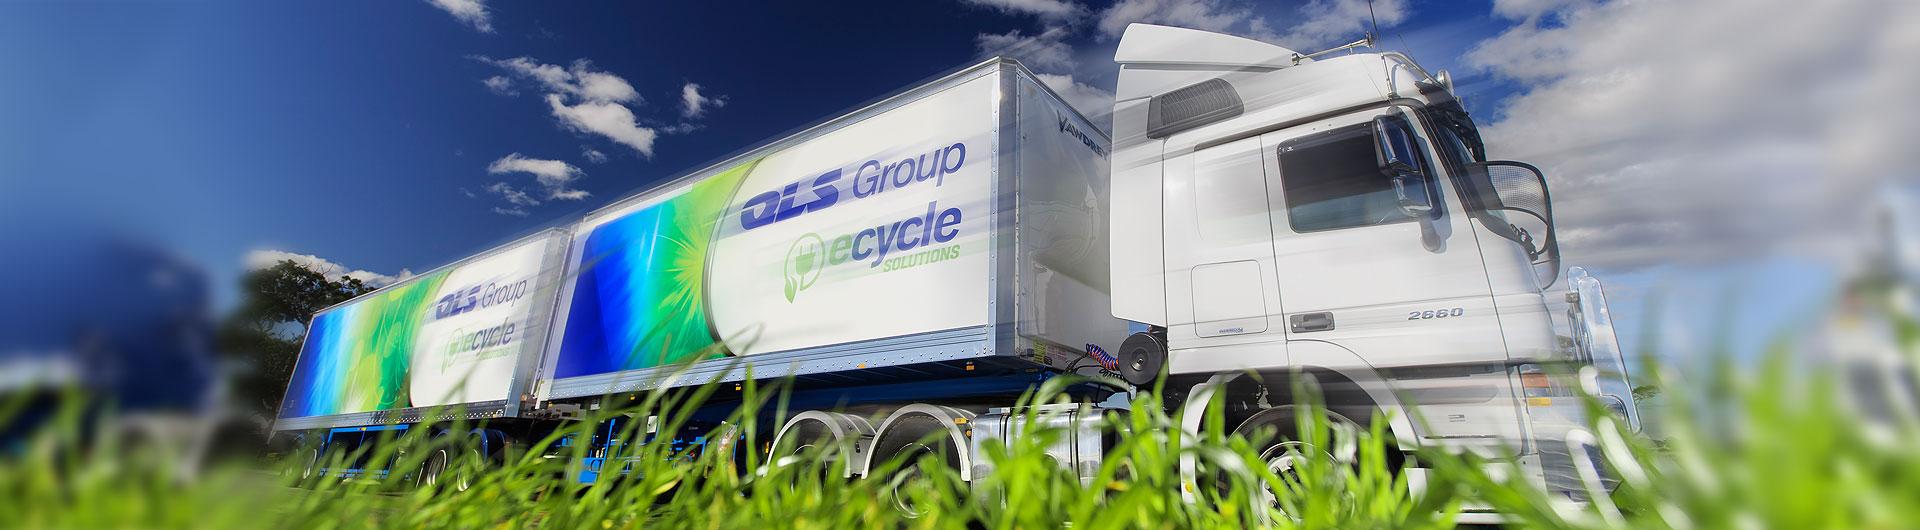 Qls Logistics Services - E.B.